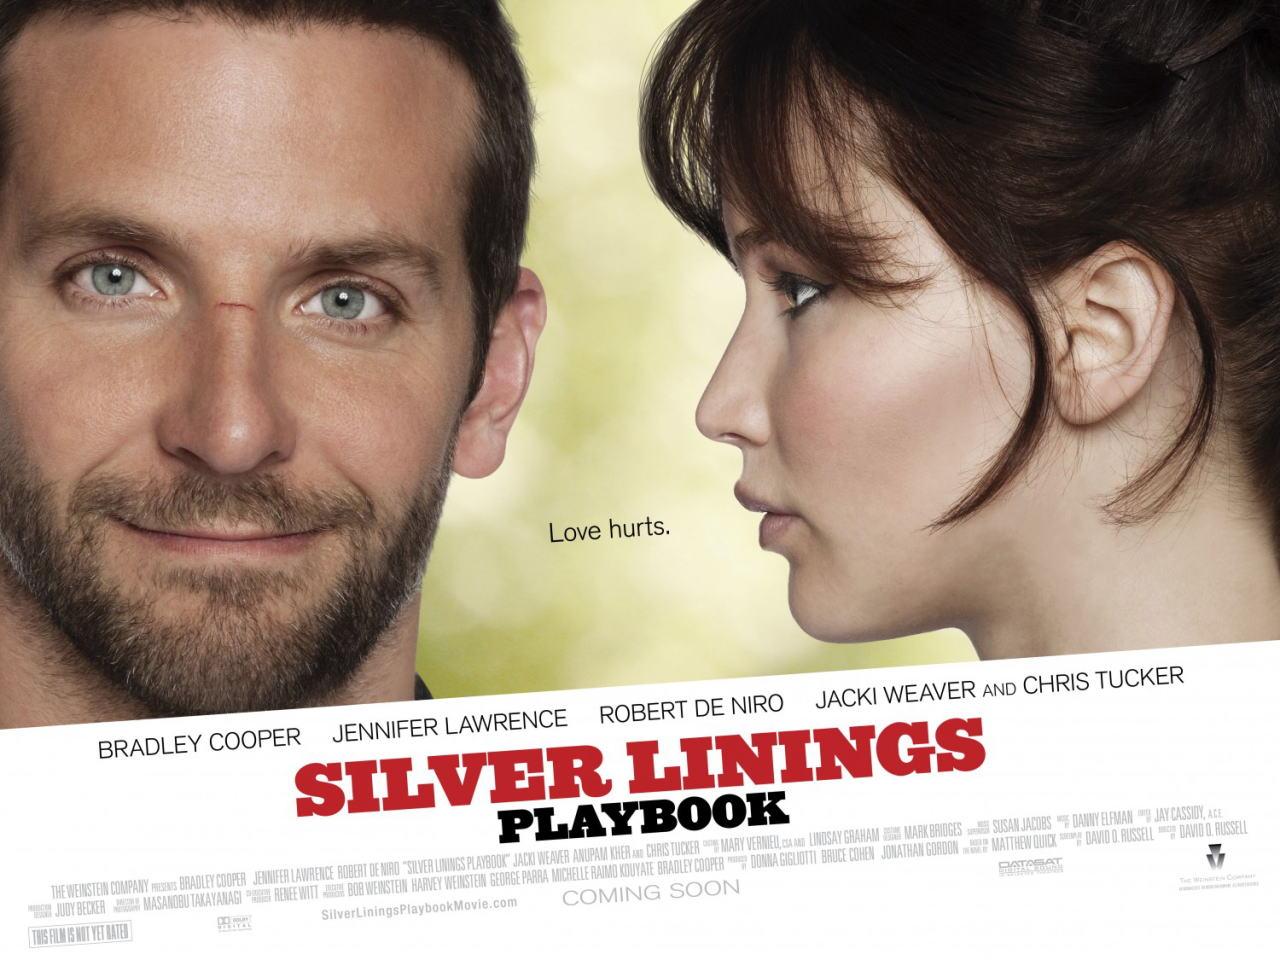 映画『世界にひとつのプレイブック SILVER LININGS PLAYBOOK』ポスター(4)▼ポスター画像クリックで拡大します。